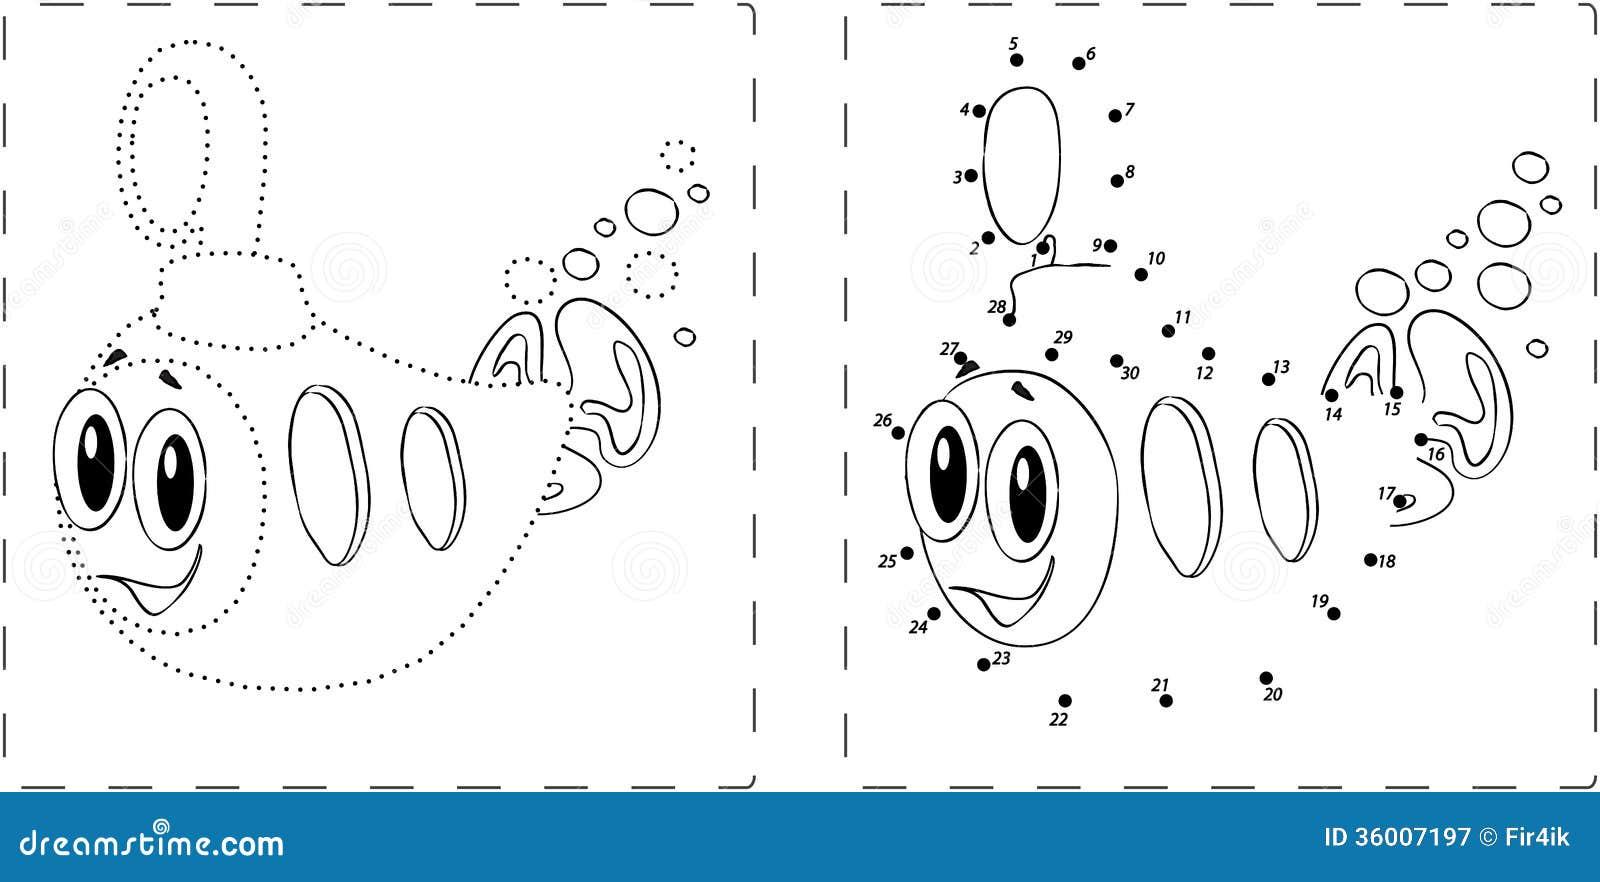 dessin submersible dr le avec des points et des chiffres illustration de vecteur illustration. Black Bedroom Furniture Sets. Home Design Ideas